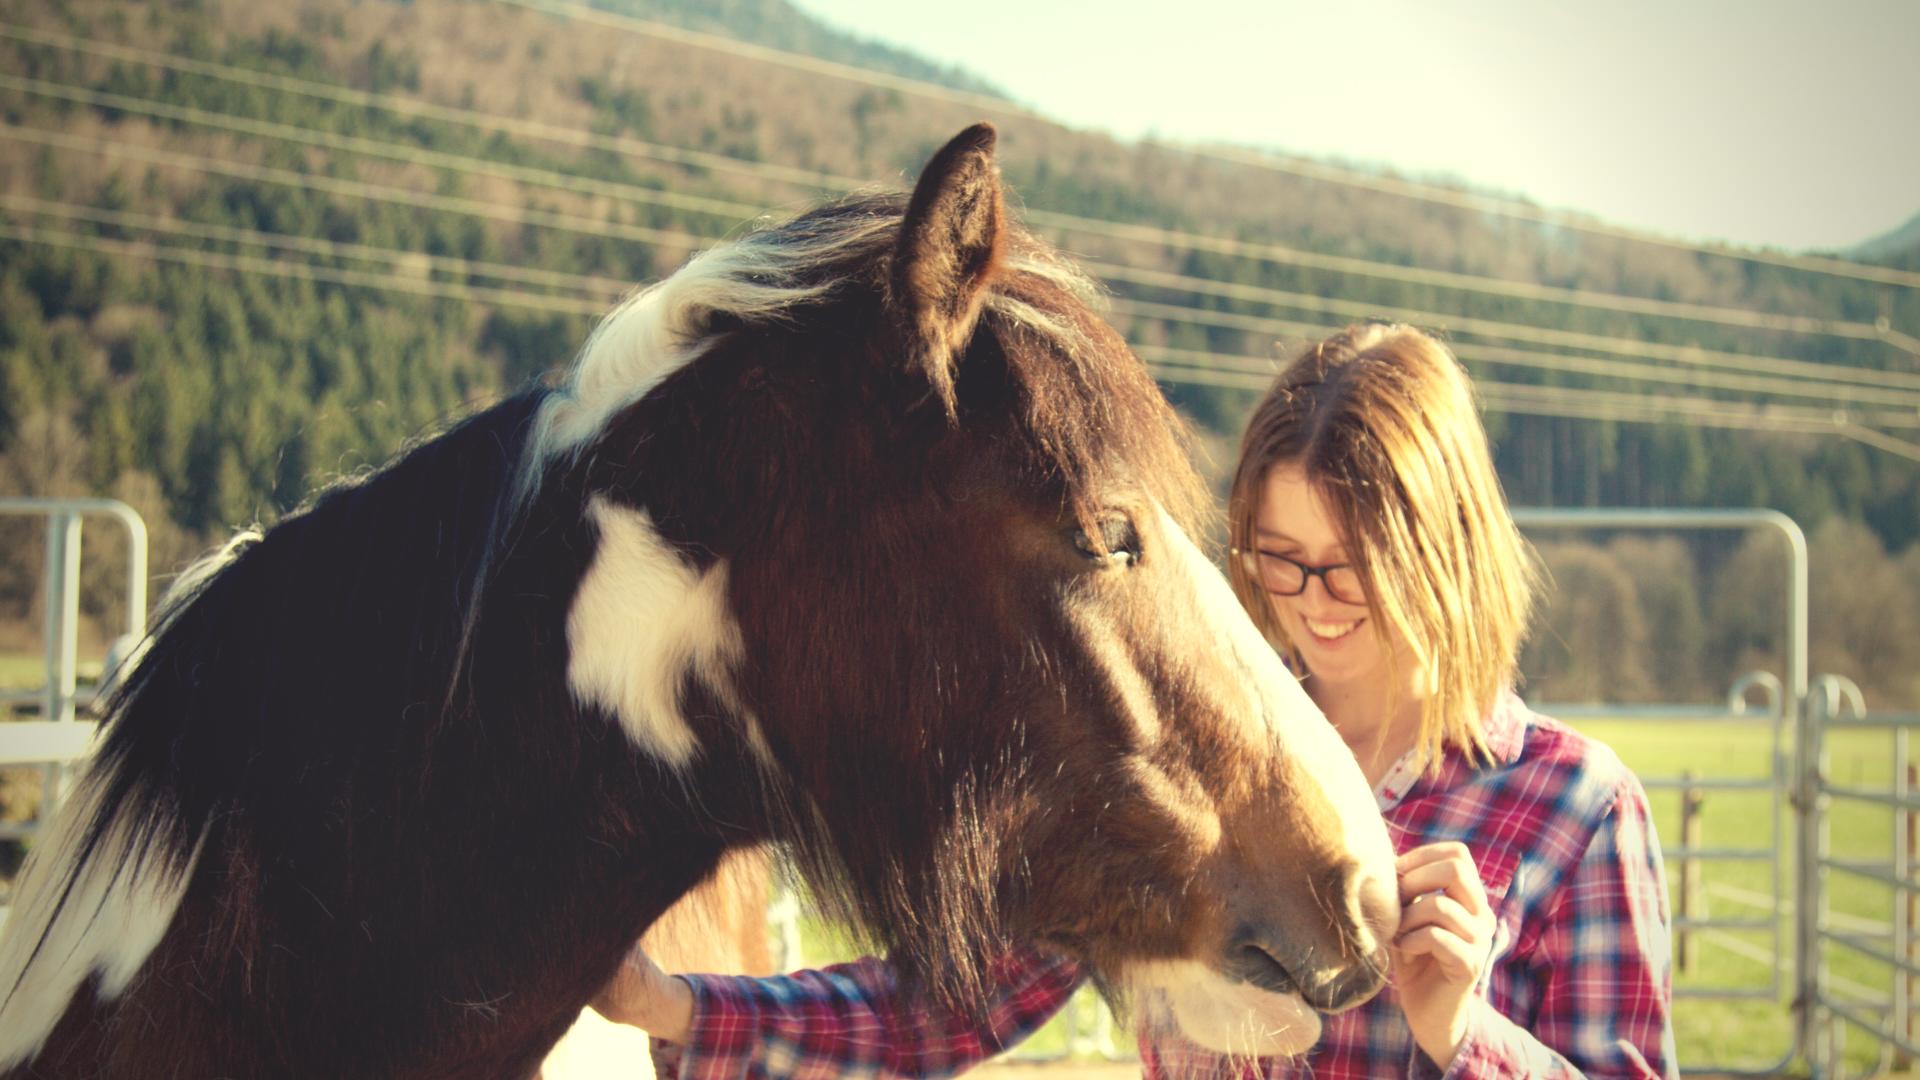 Achtsamkeit beim Umgang mit dem Pferd